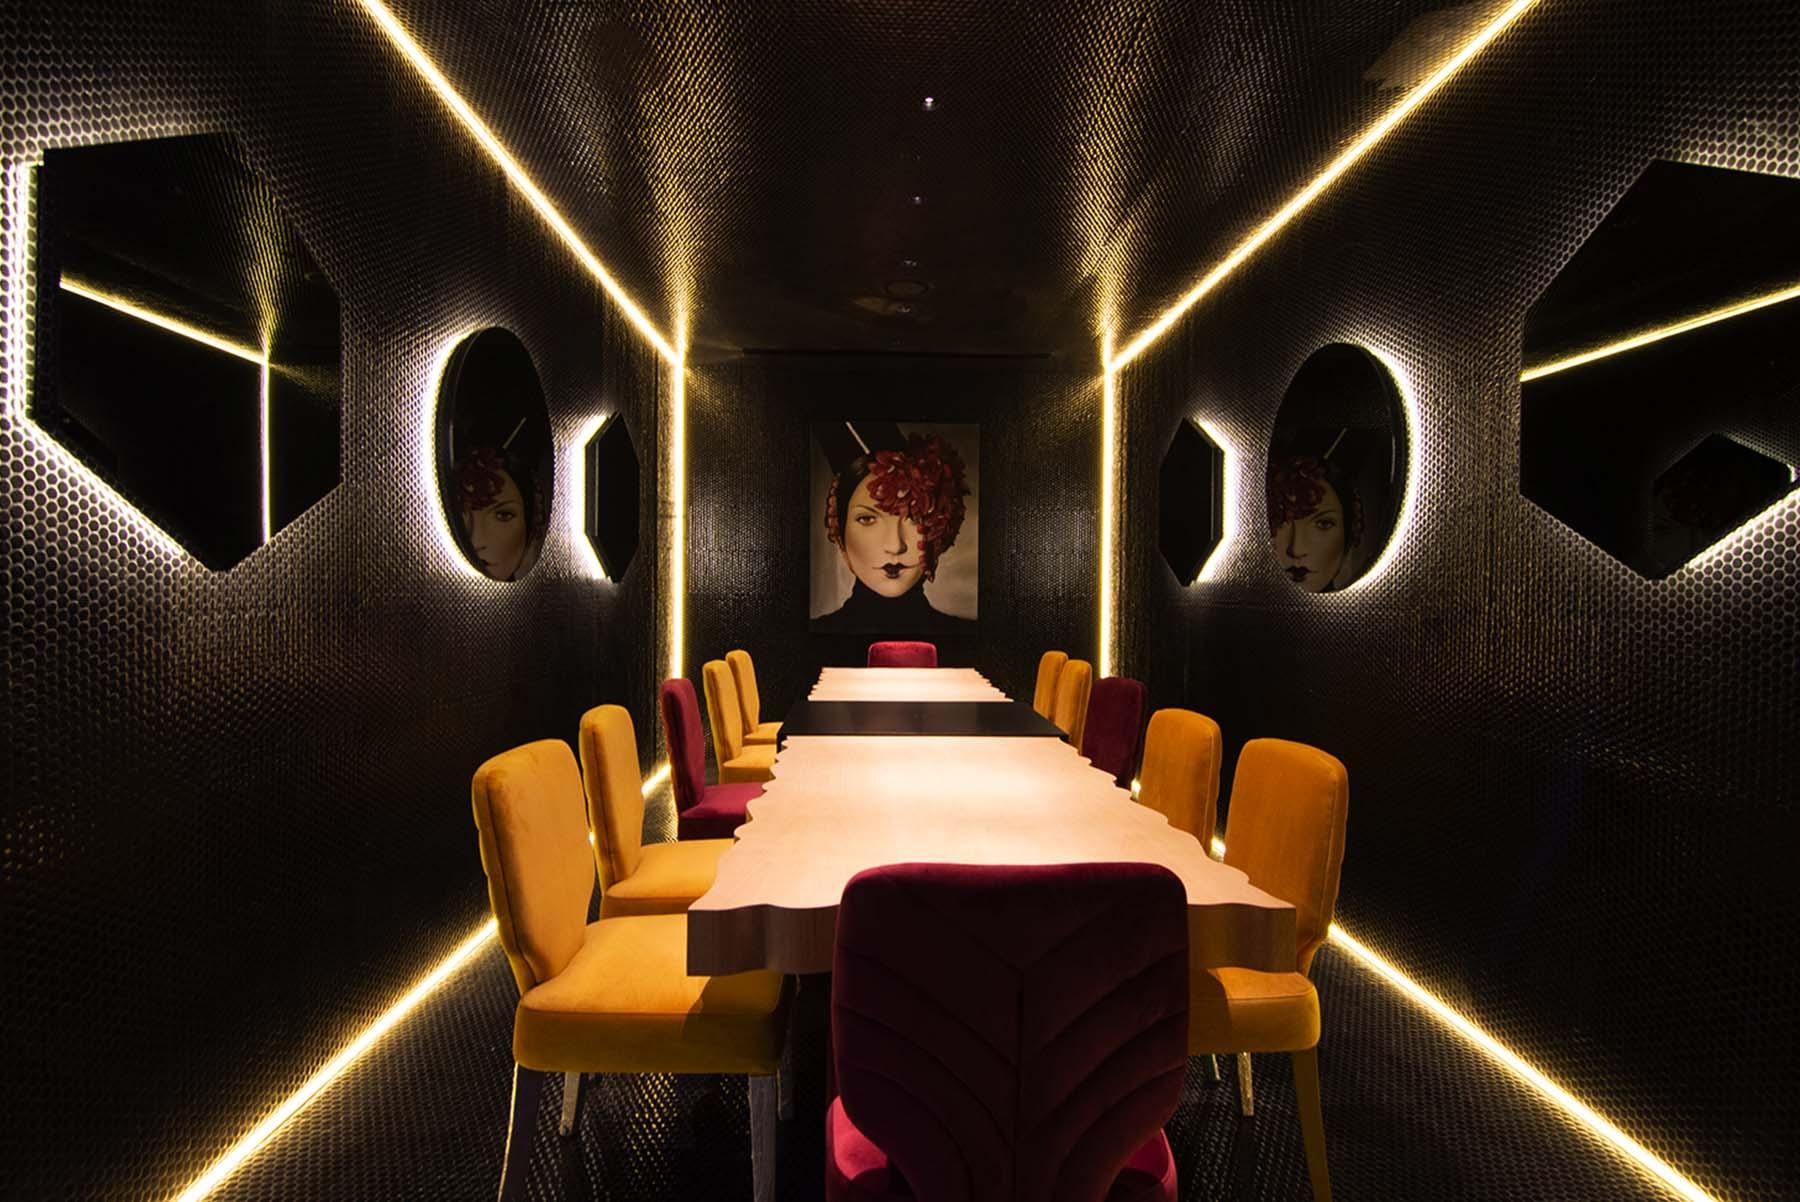 Comedor privado Kai La Caleta por In Out Studio. Revestimiento de Hisbalit. Foto Silvia Roldán.